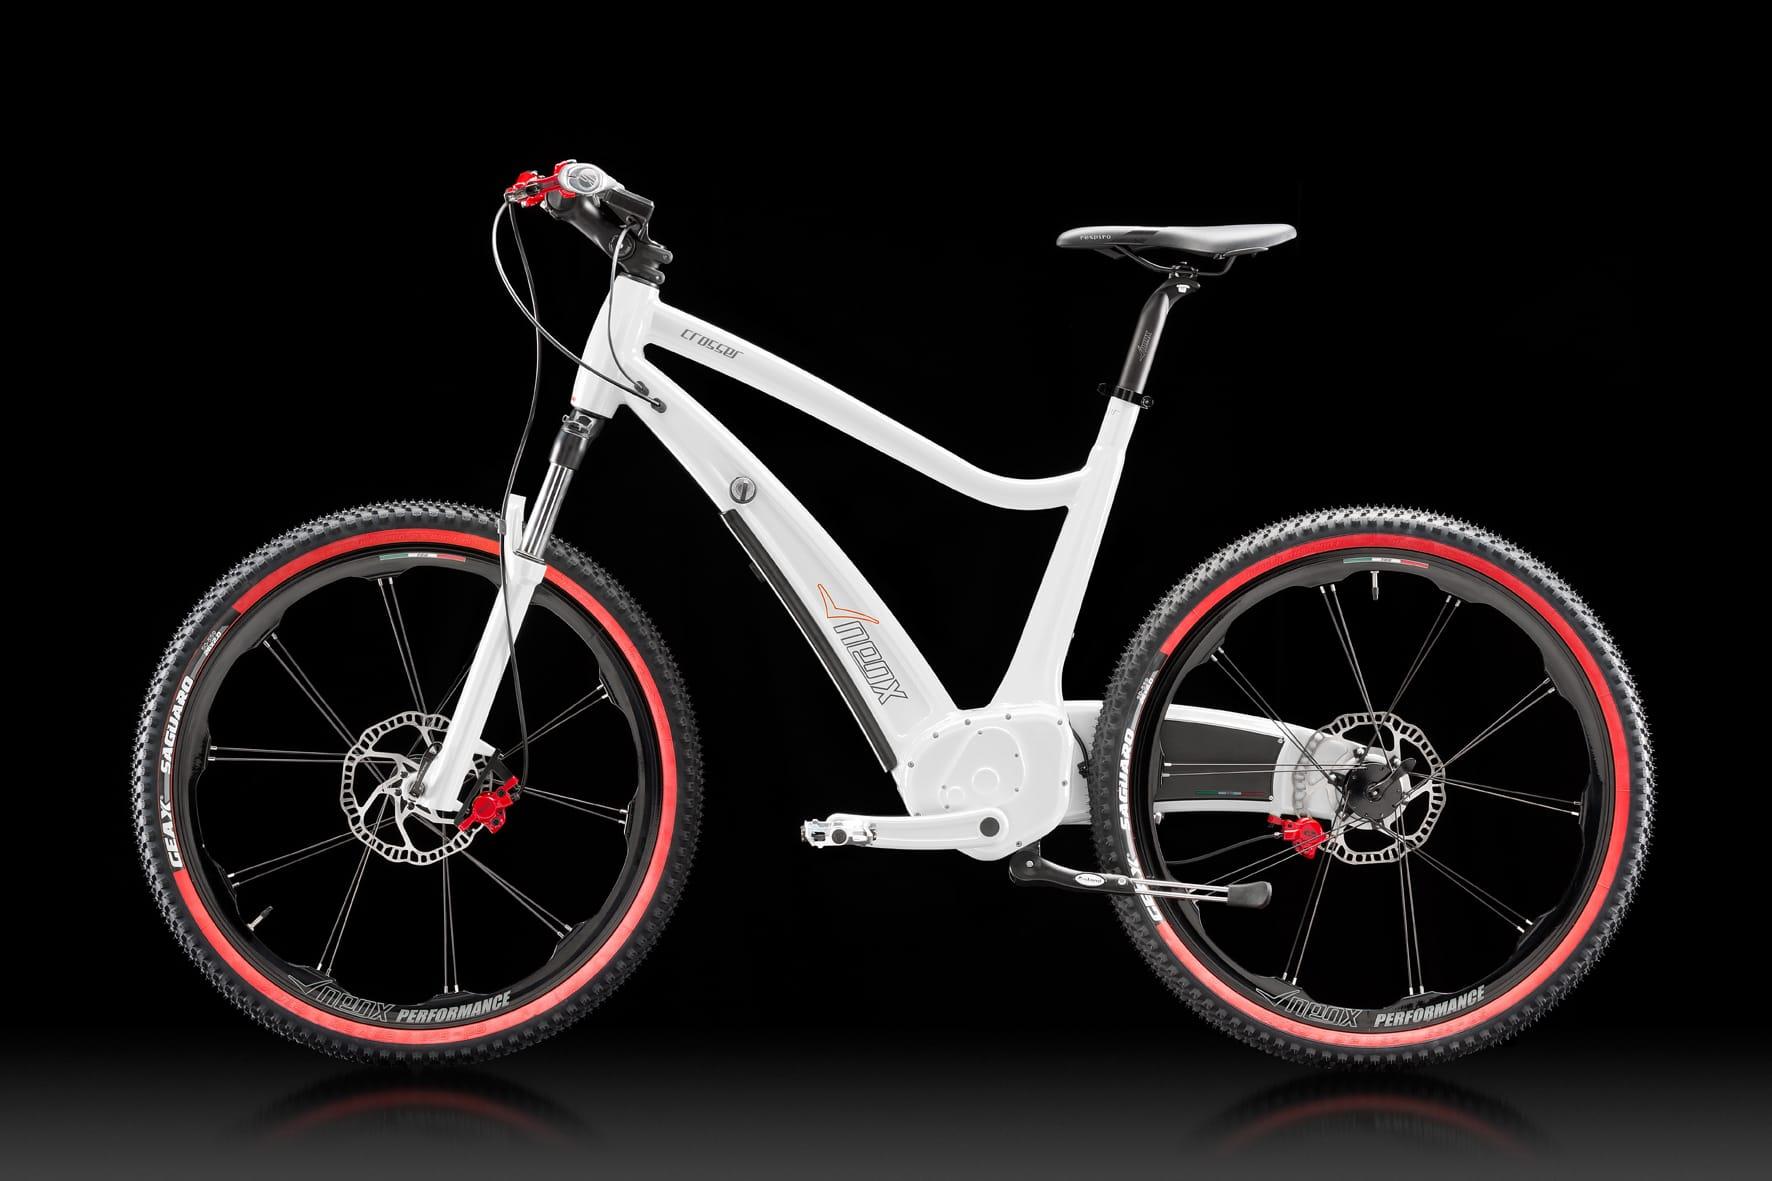 bicicletta-neox-elettrica-made-in-italy-codice-pin-furti (1)